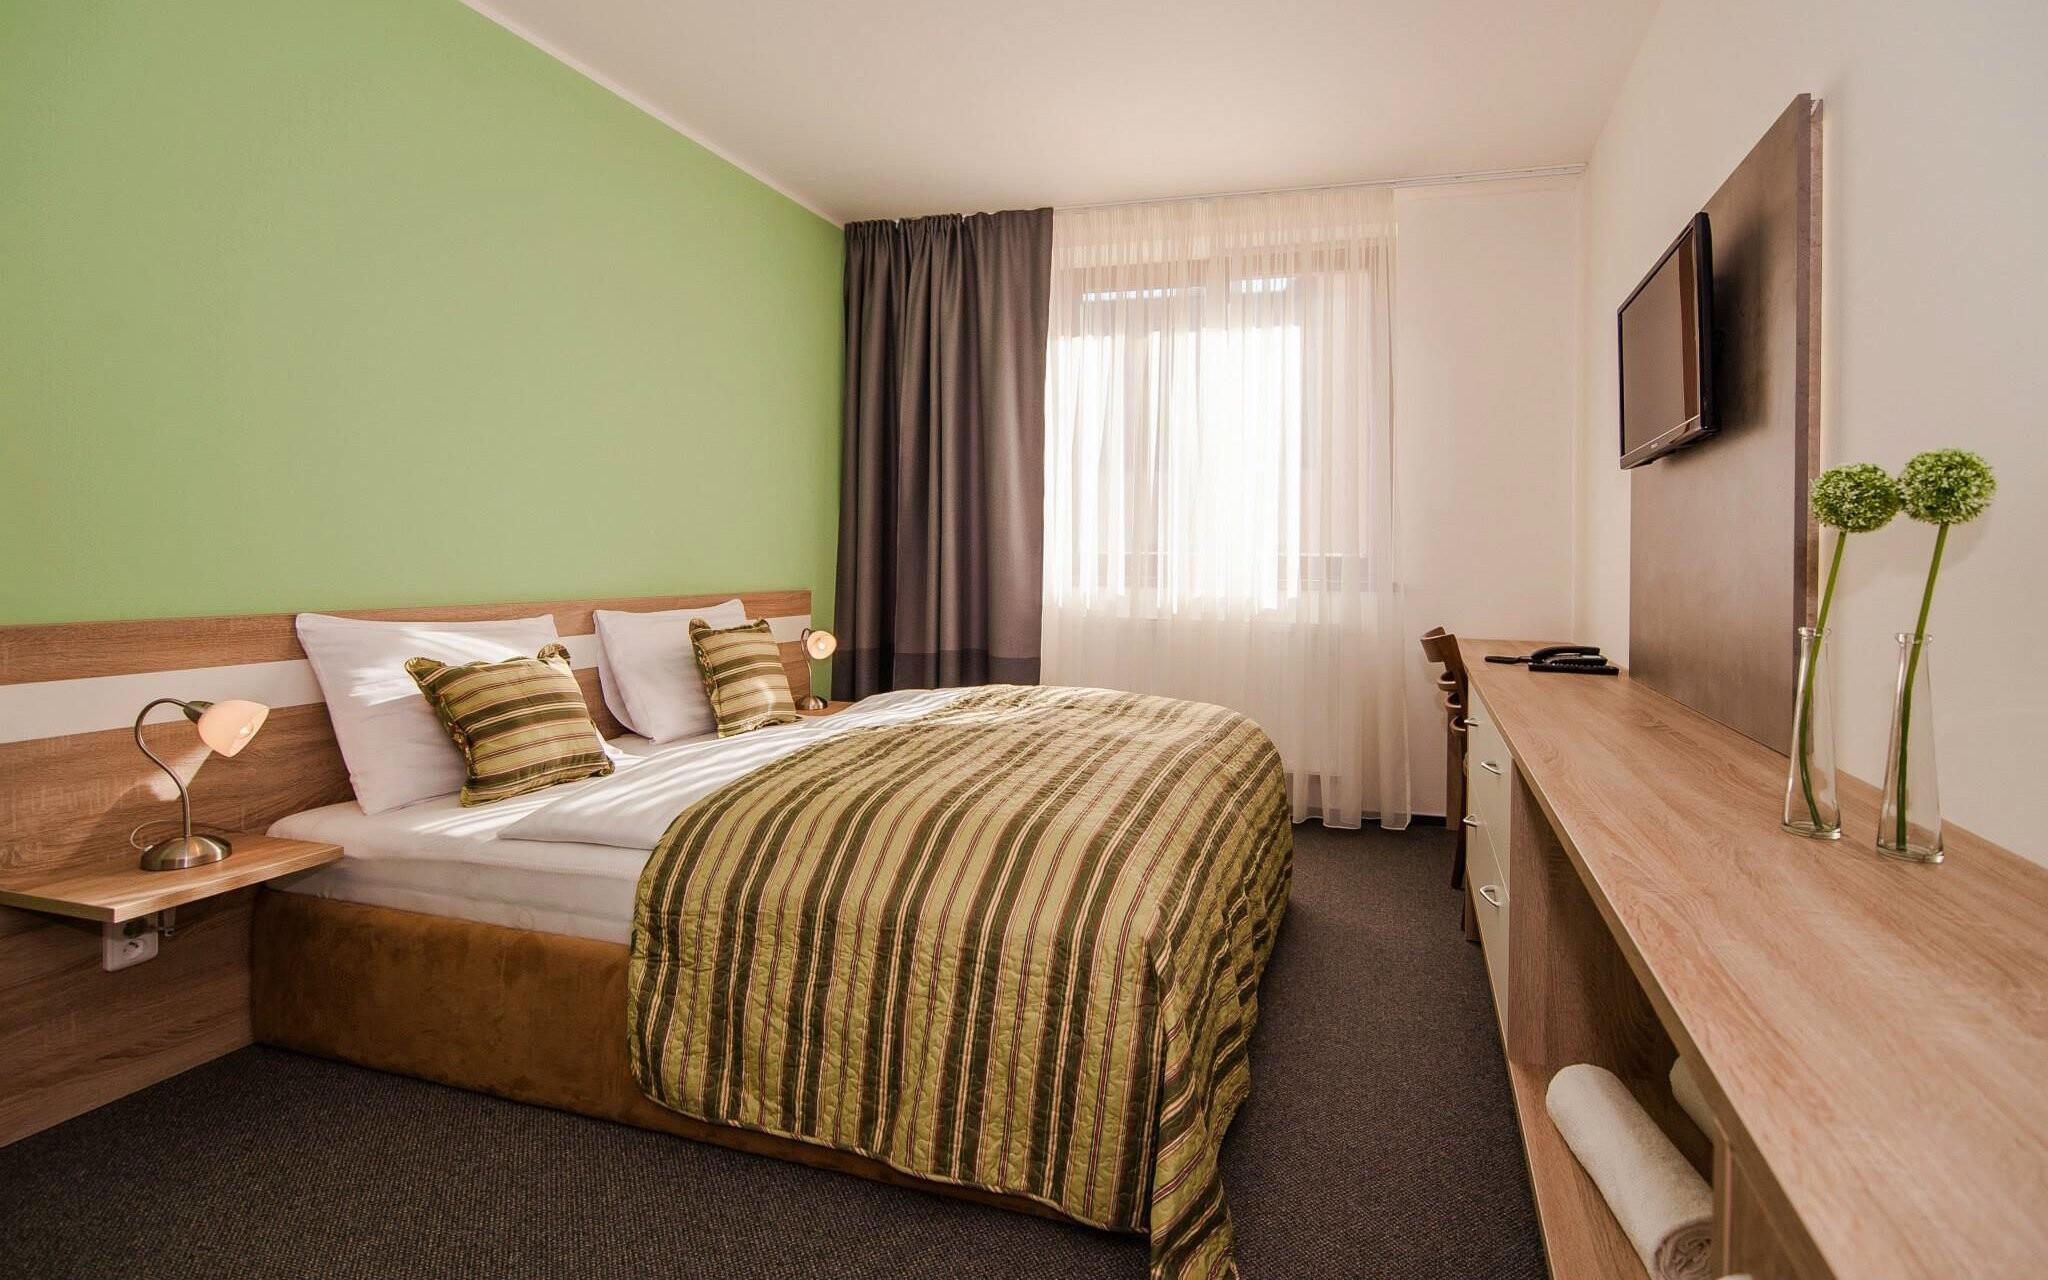 Izby v Amantis Vital Hoteli sú moderné a komfortné